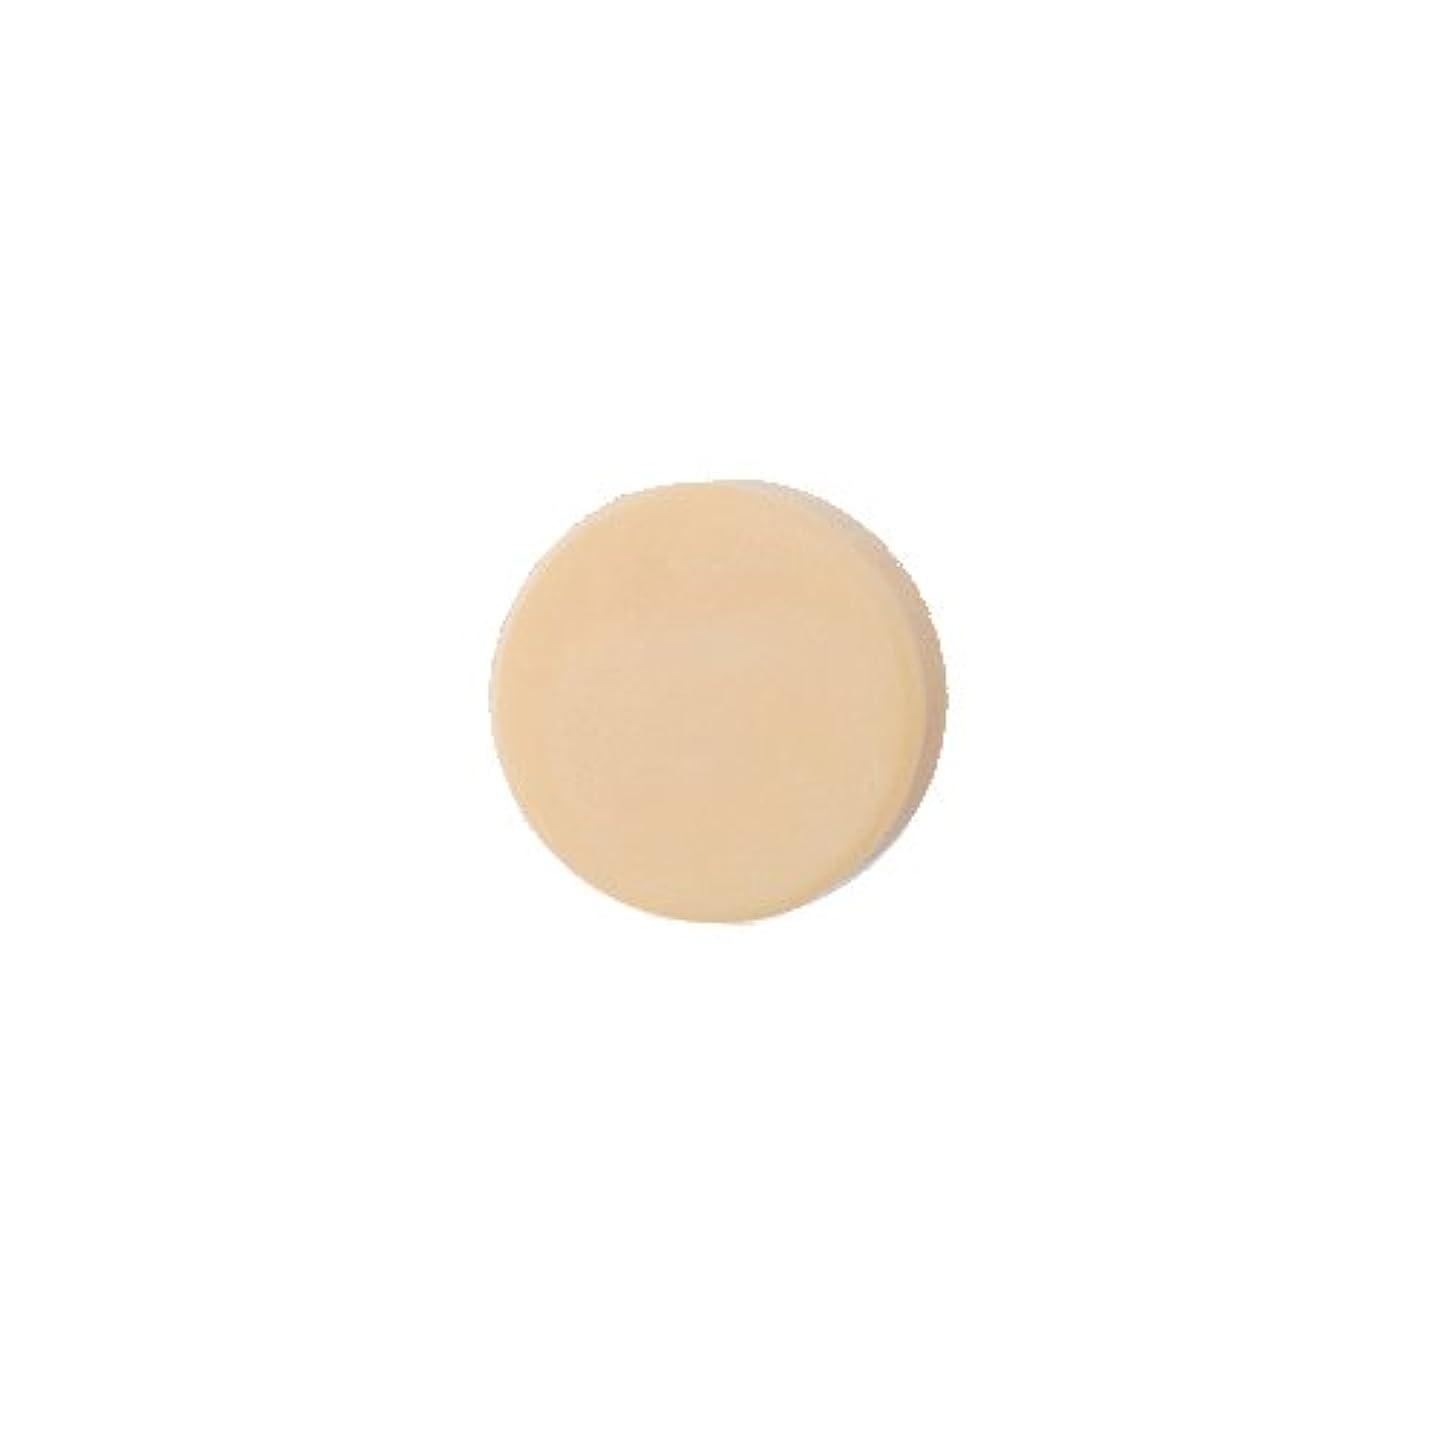 焦げストレスの多い本土こだわりコールド製法の無添加でオーガニックな洗顔石鹸 マザーウッド&シルクソープ 75g